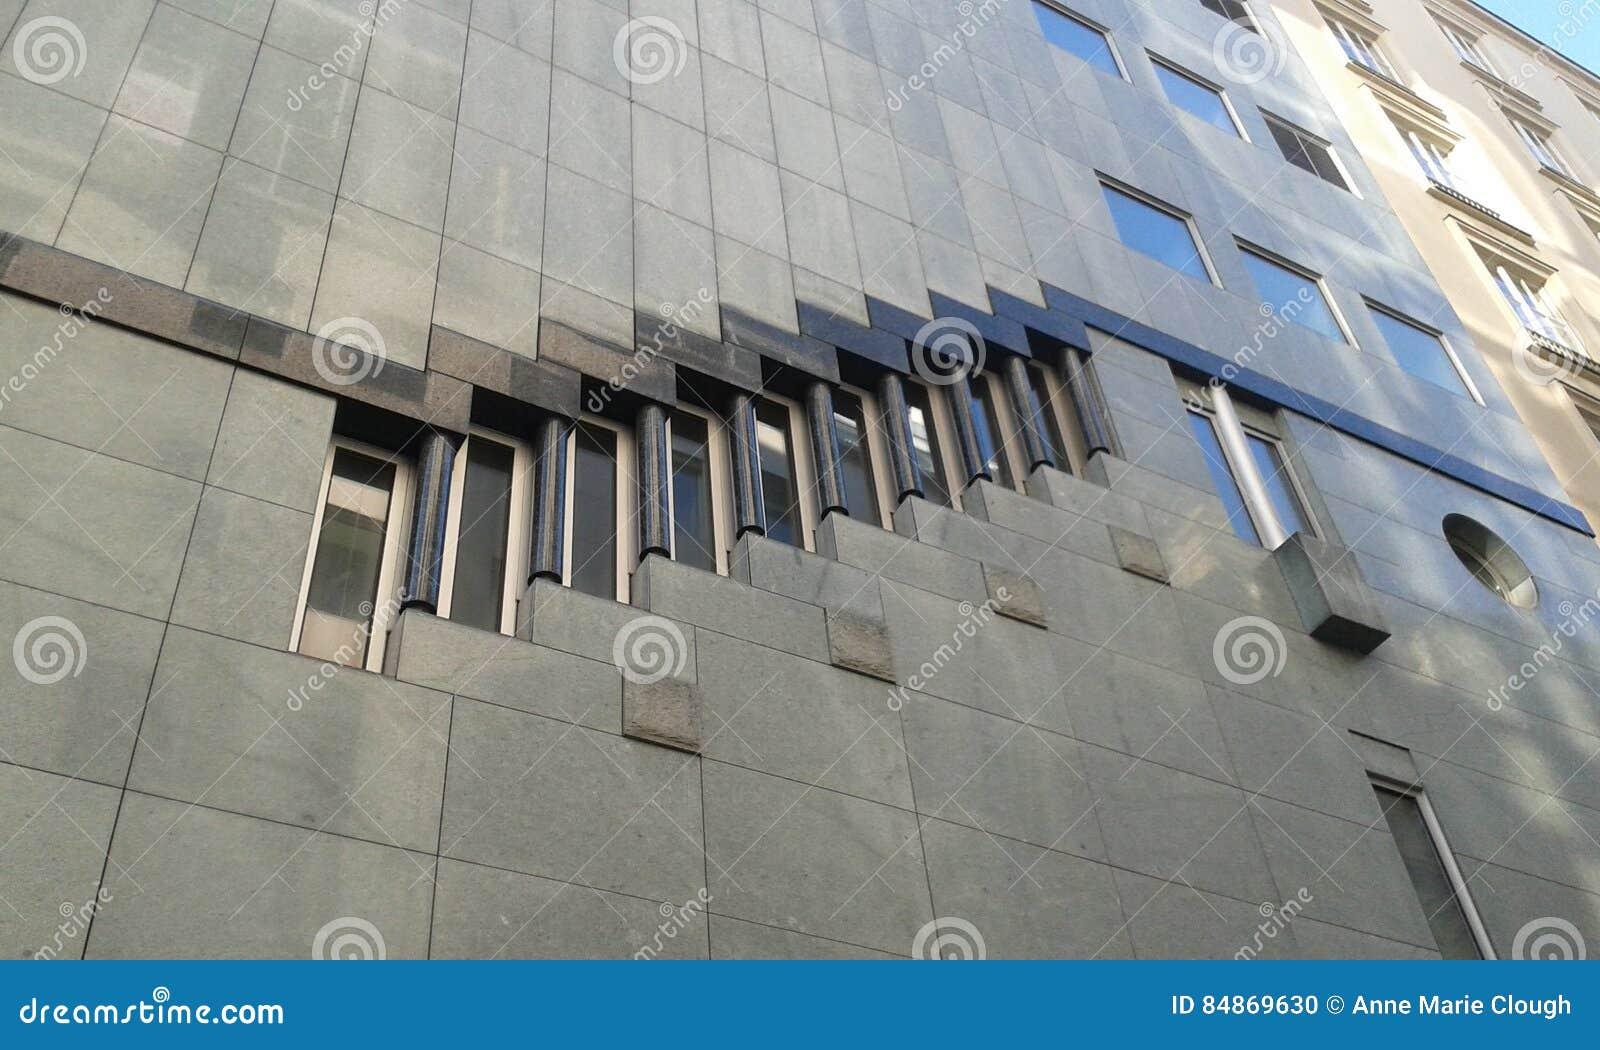 2016 architecture building modern vienna - Modern Architecture Vienna